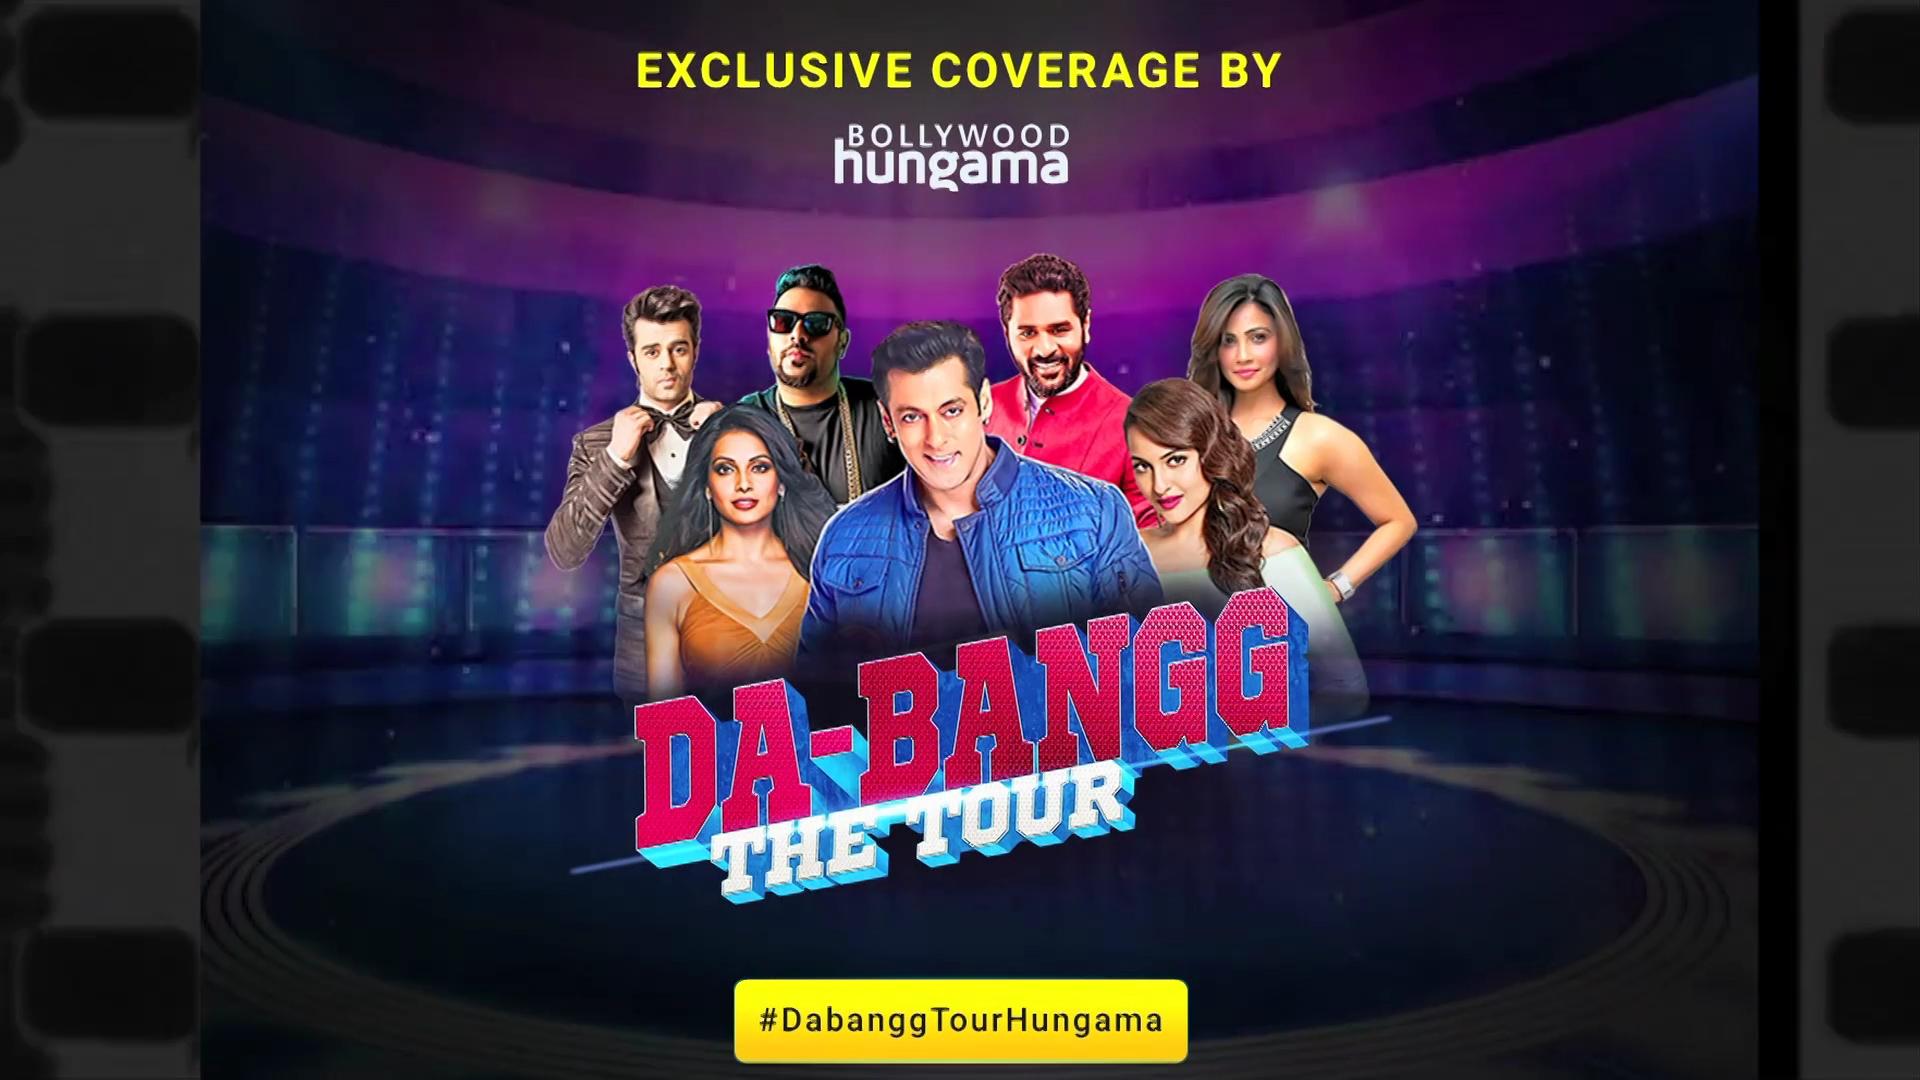 Dabangg tour tickets